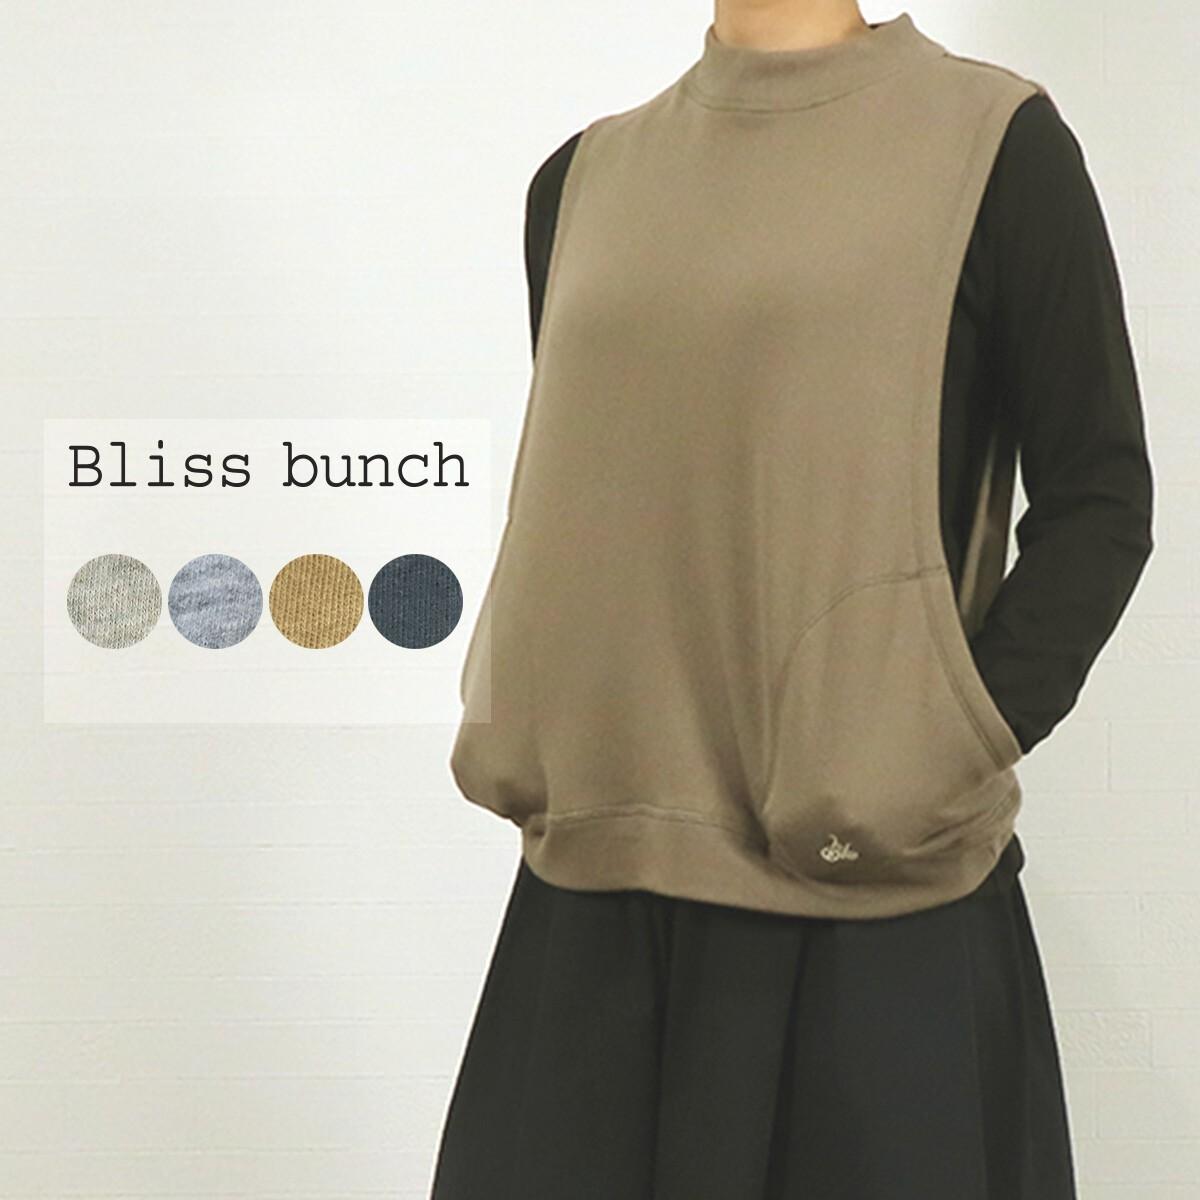 15%オフ・セール&送料無料! 【セール】Bliss bunch ブリスバンチ ベスト モックネック カシュクール スウェット 2021年秋冬物 CP